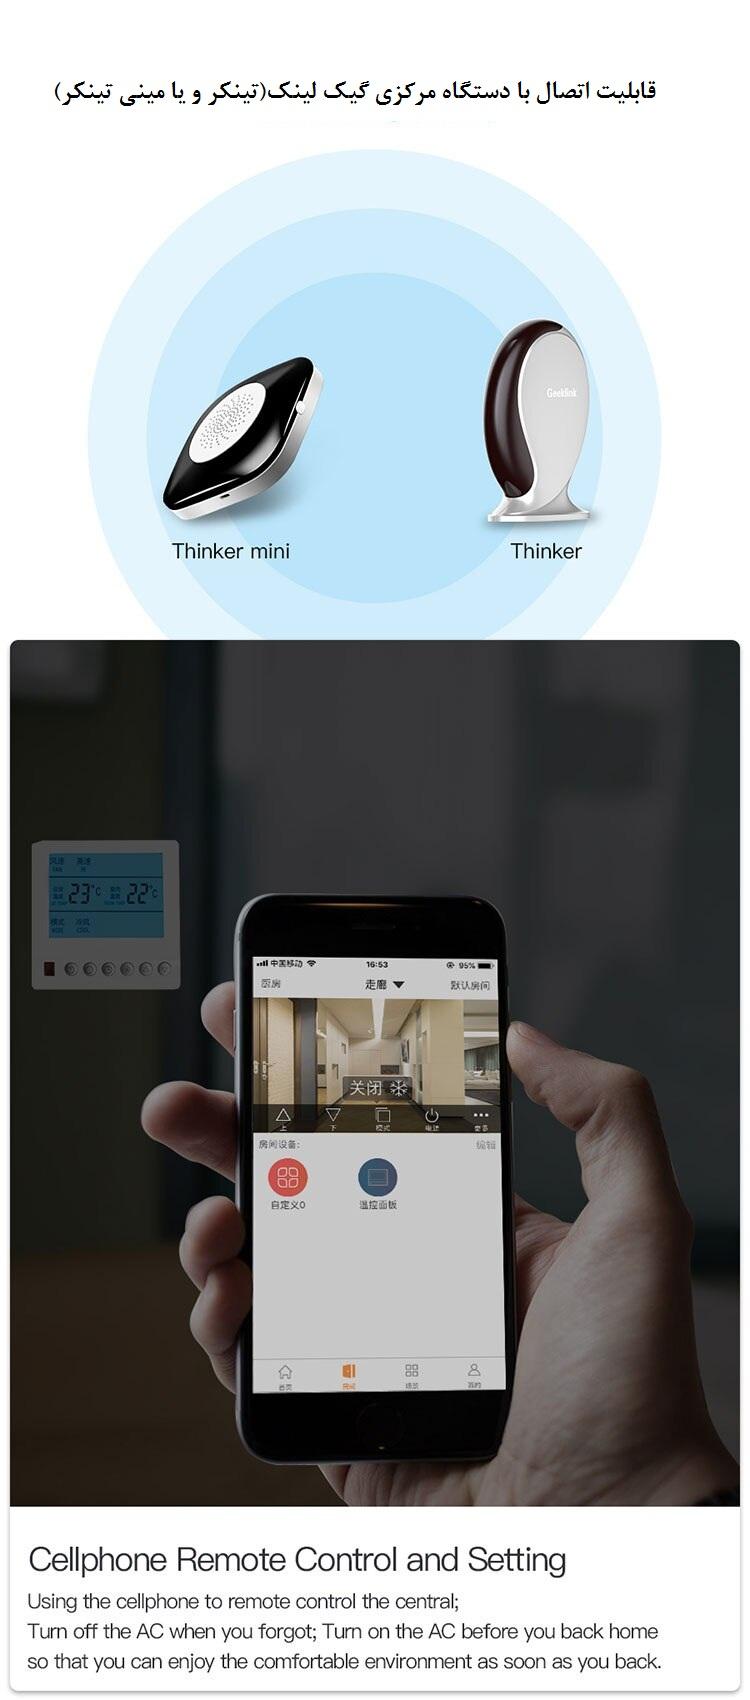 ترموستات هوشمند گیک لینک Geeklink Thermostat